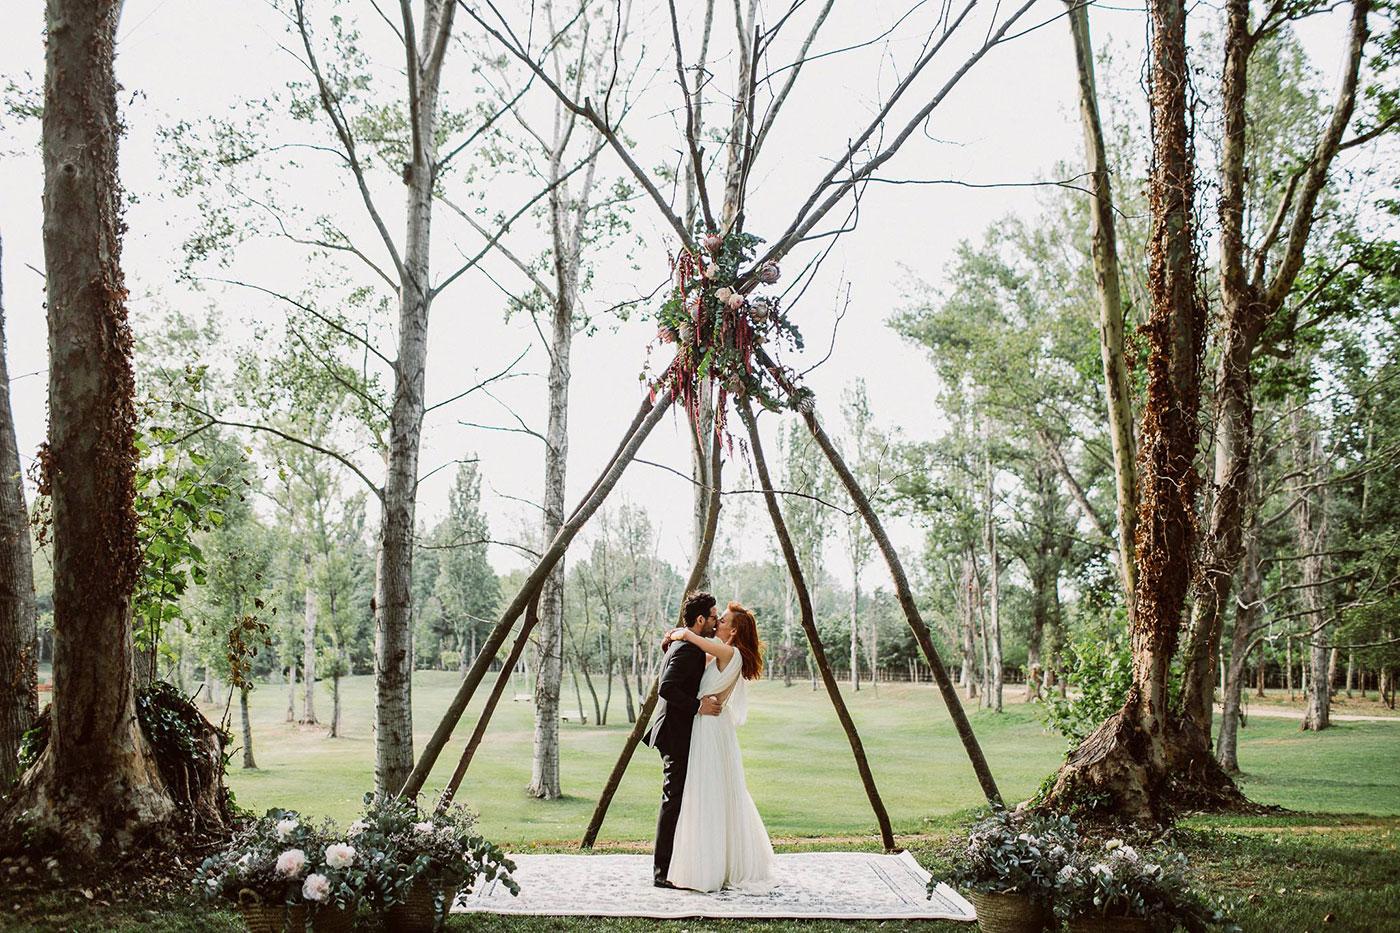 La Farinera Sant Lluís Wedding Venue